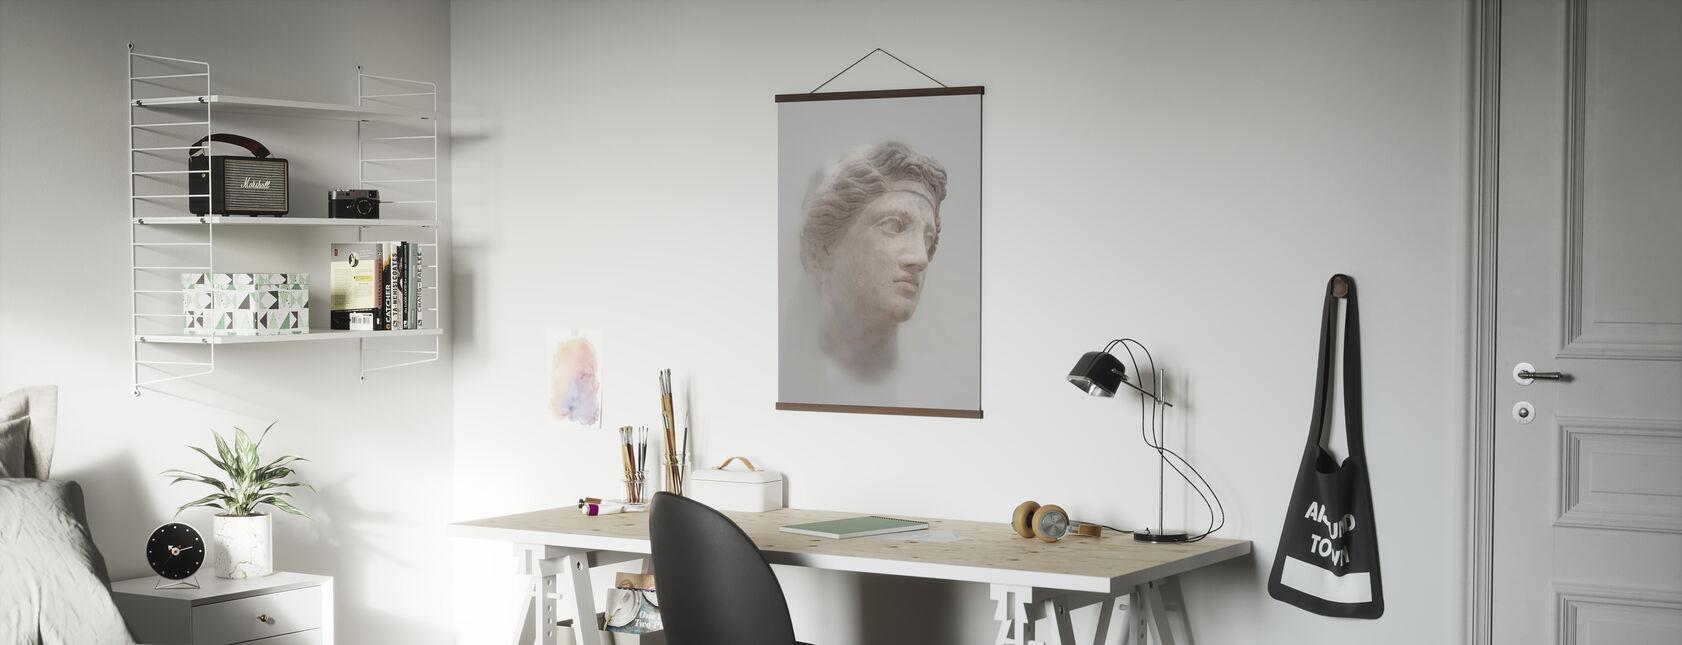 Griechische Frauenbüste - Poster - Büro